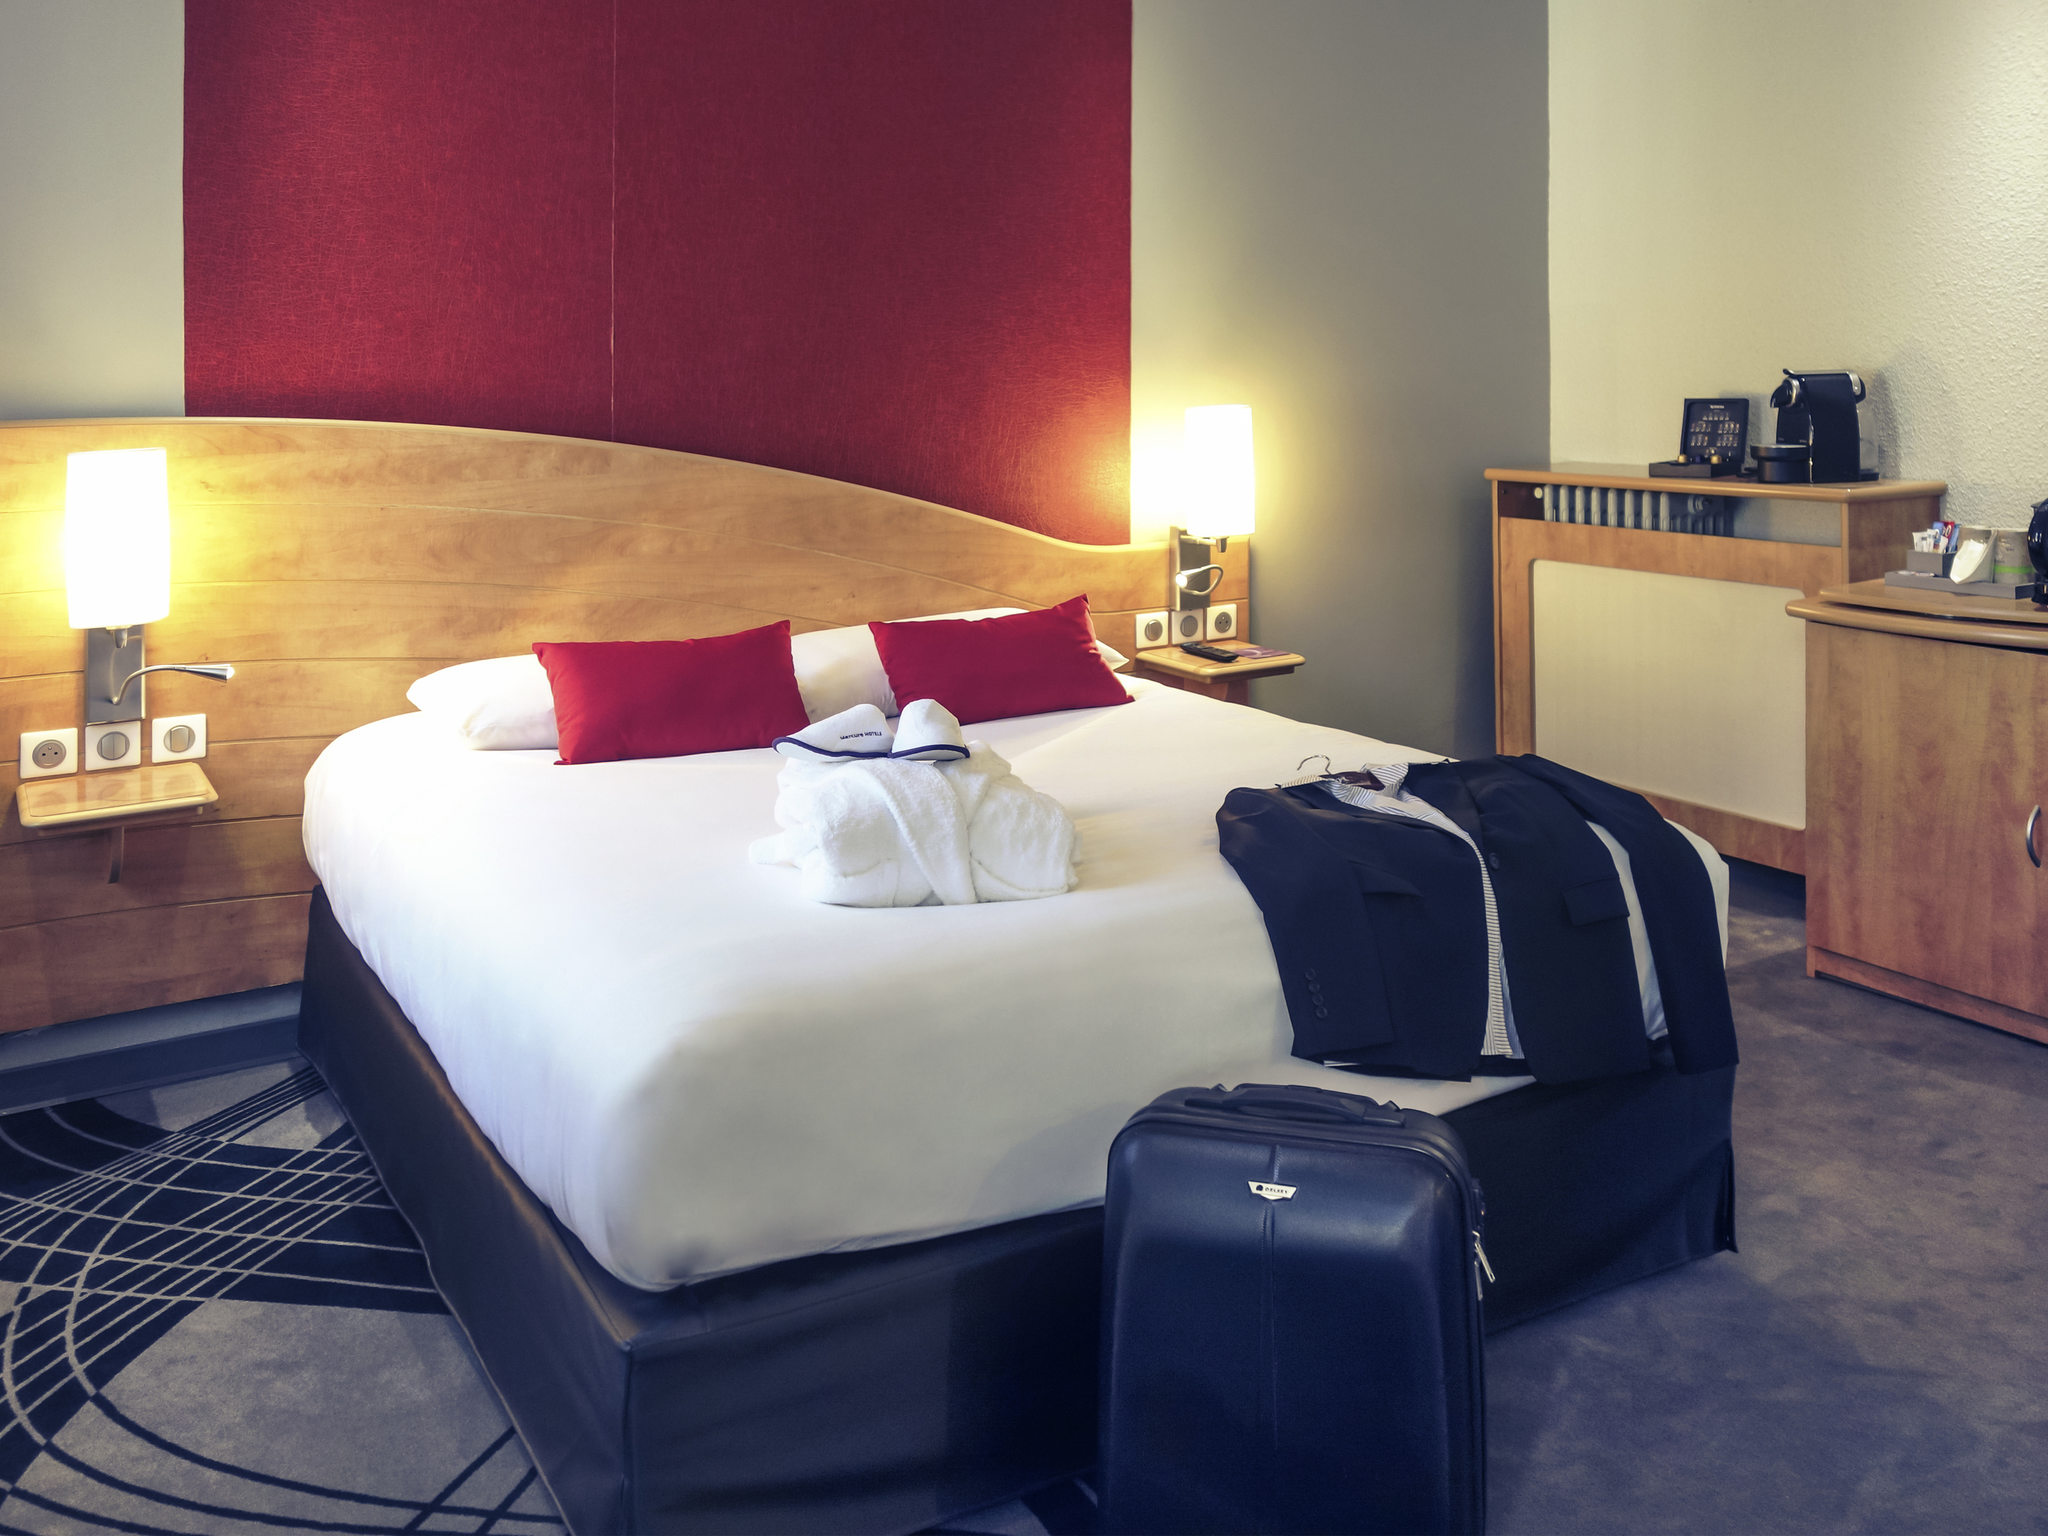 فندق - Hôtel Mercure Épinal Centre